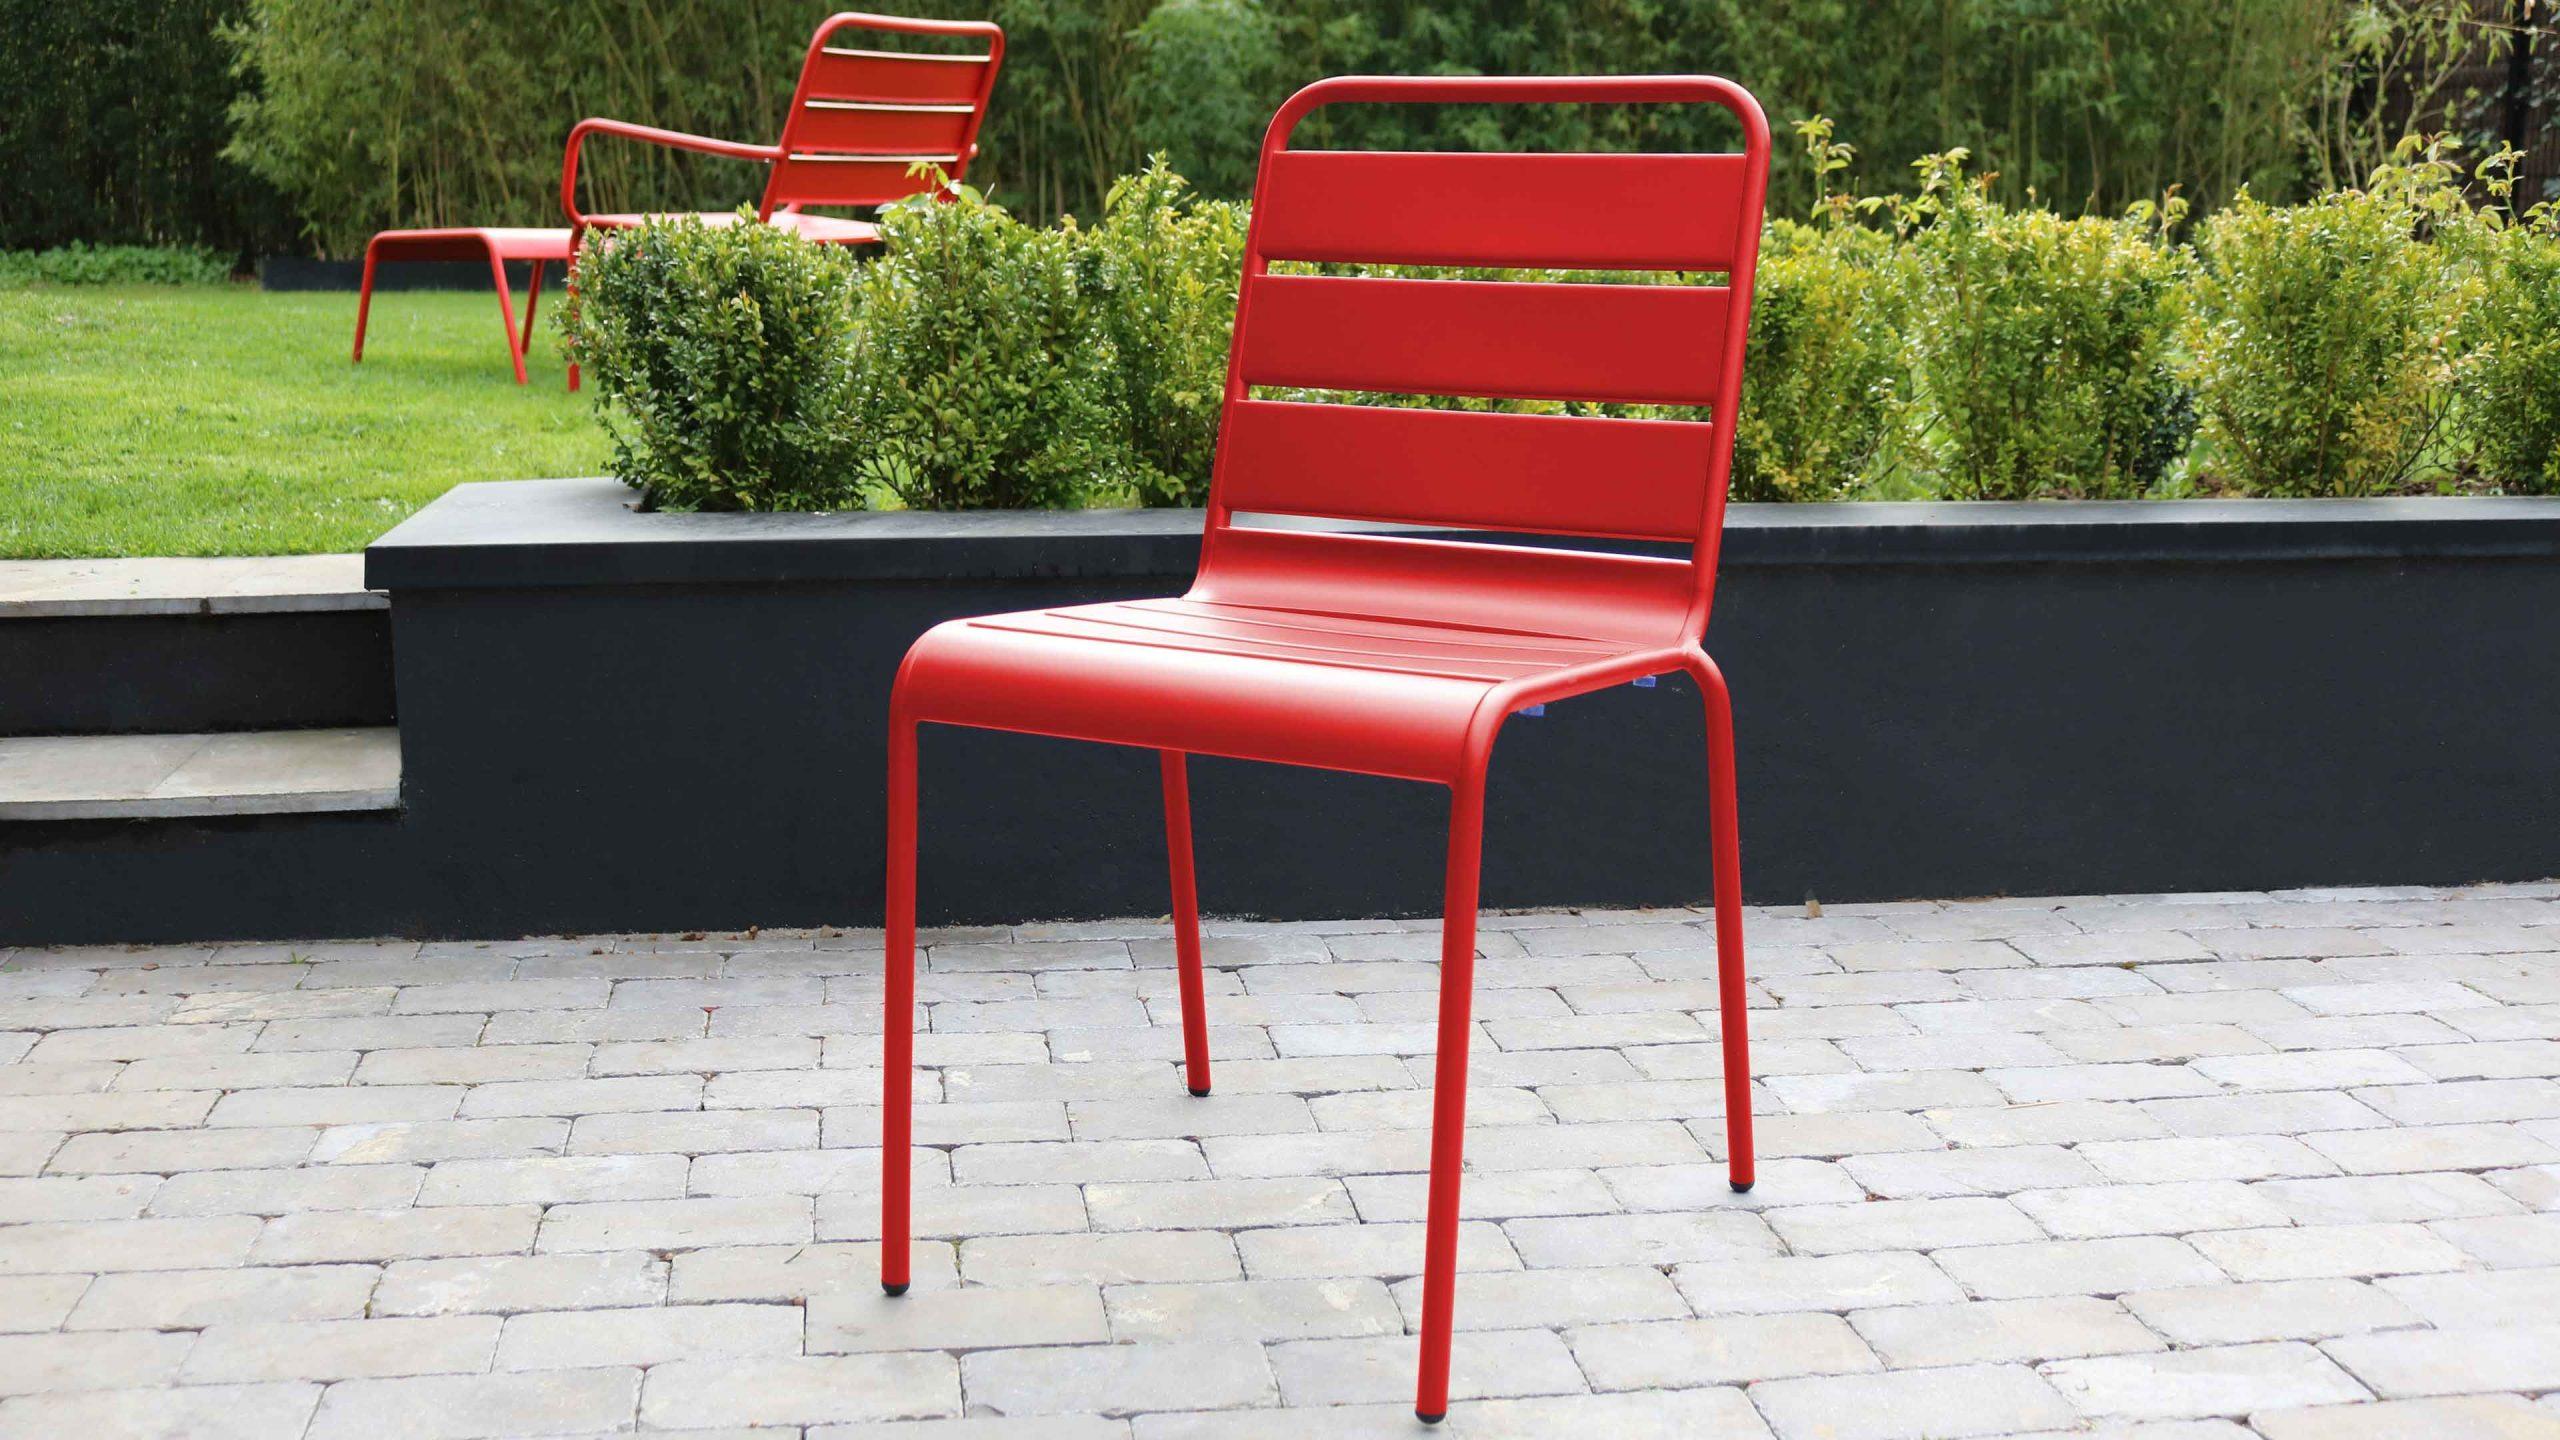 Salon De Jardin : Le Rouge Nous Inspire Pour Un Extérieur ... avec Salon De Jardin Rouge